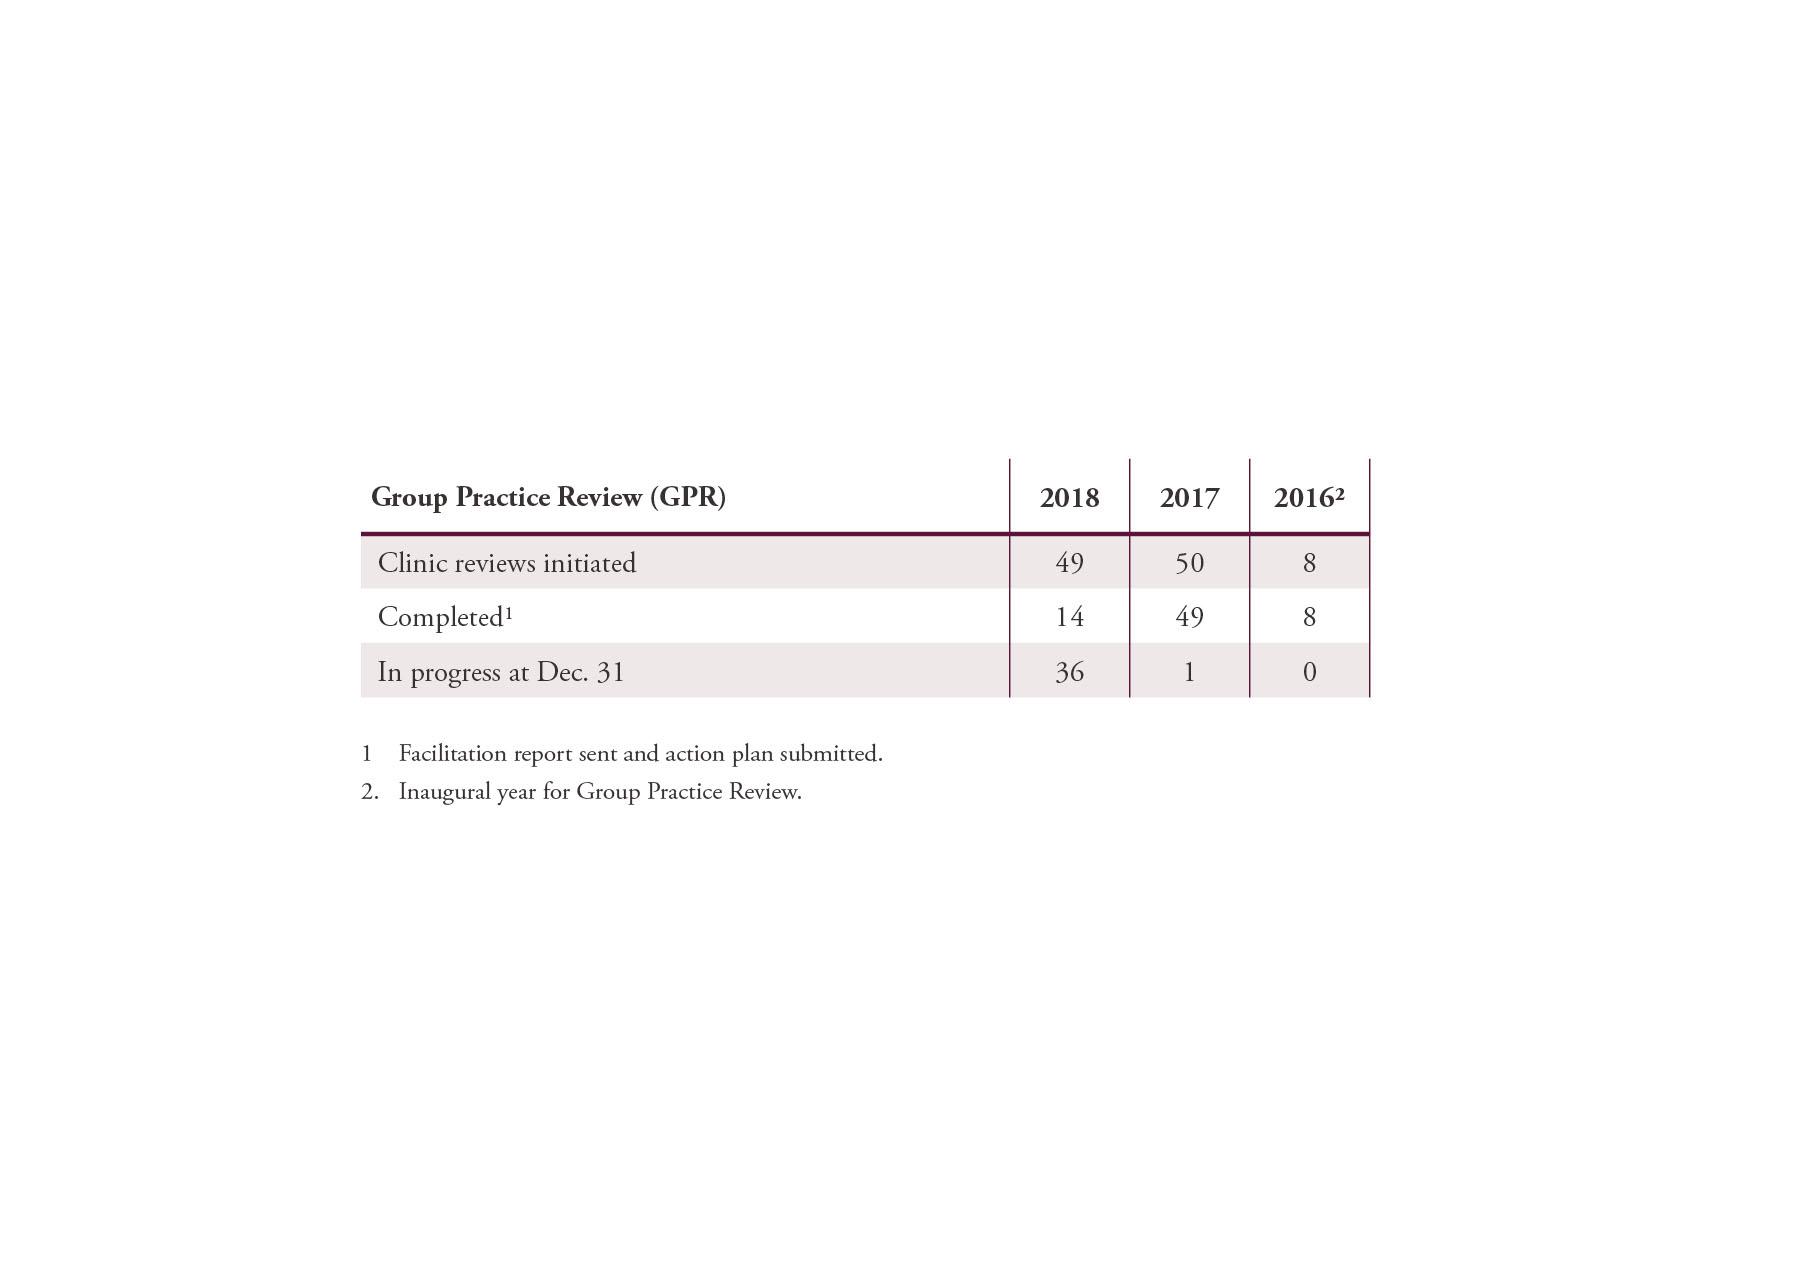 CPSA_AnnualReport_Tables_032919-16.jpg